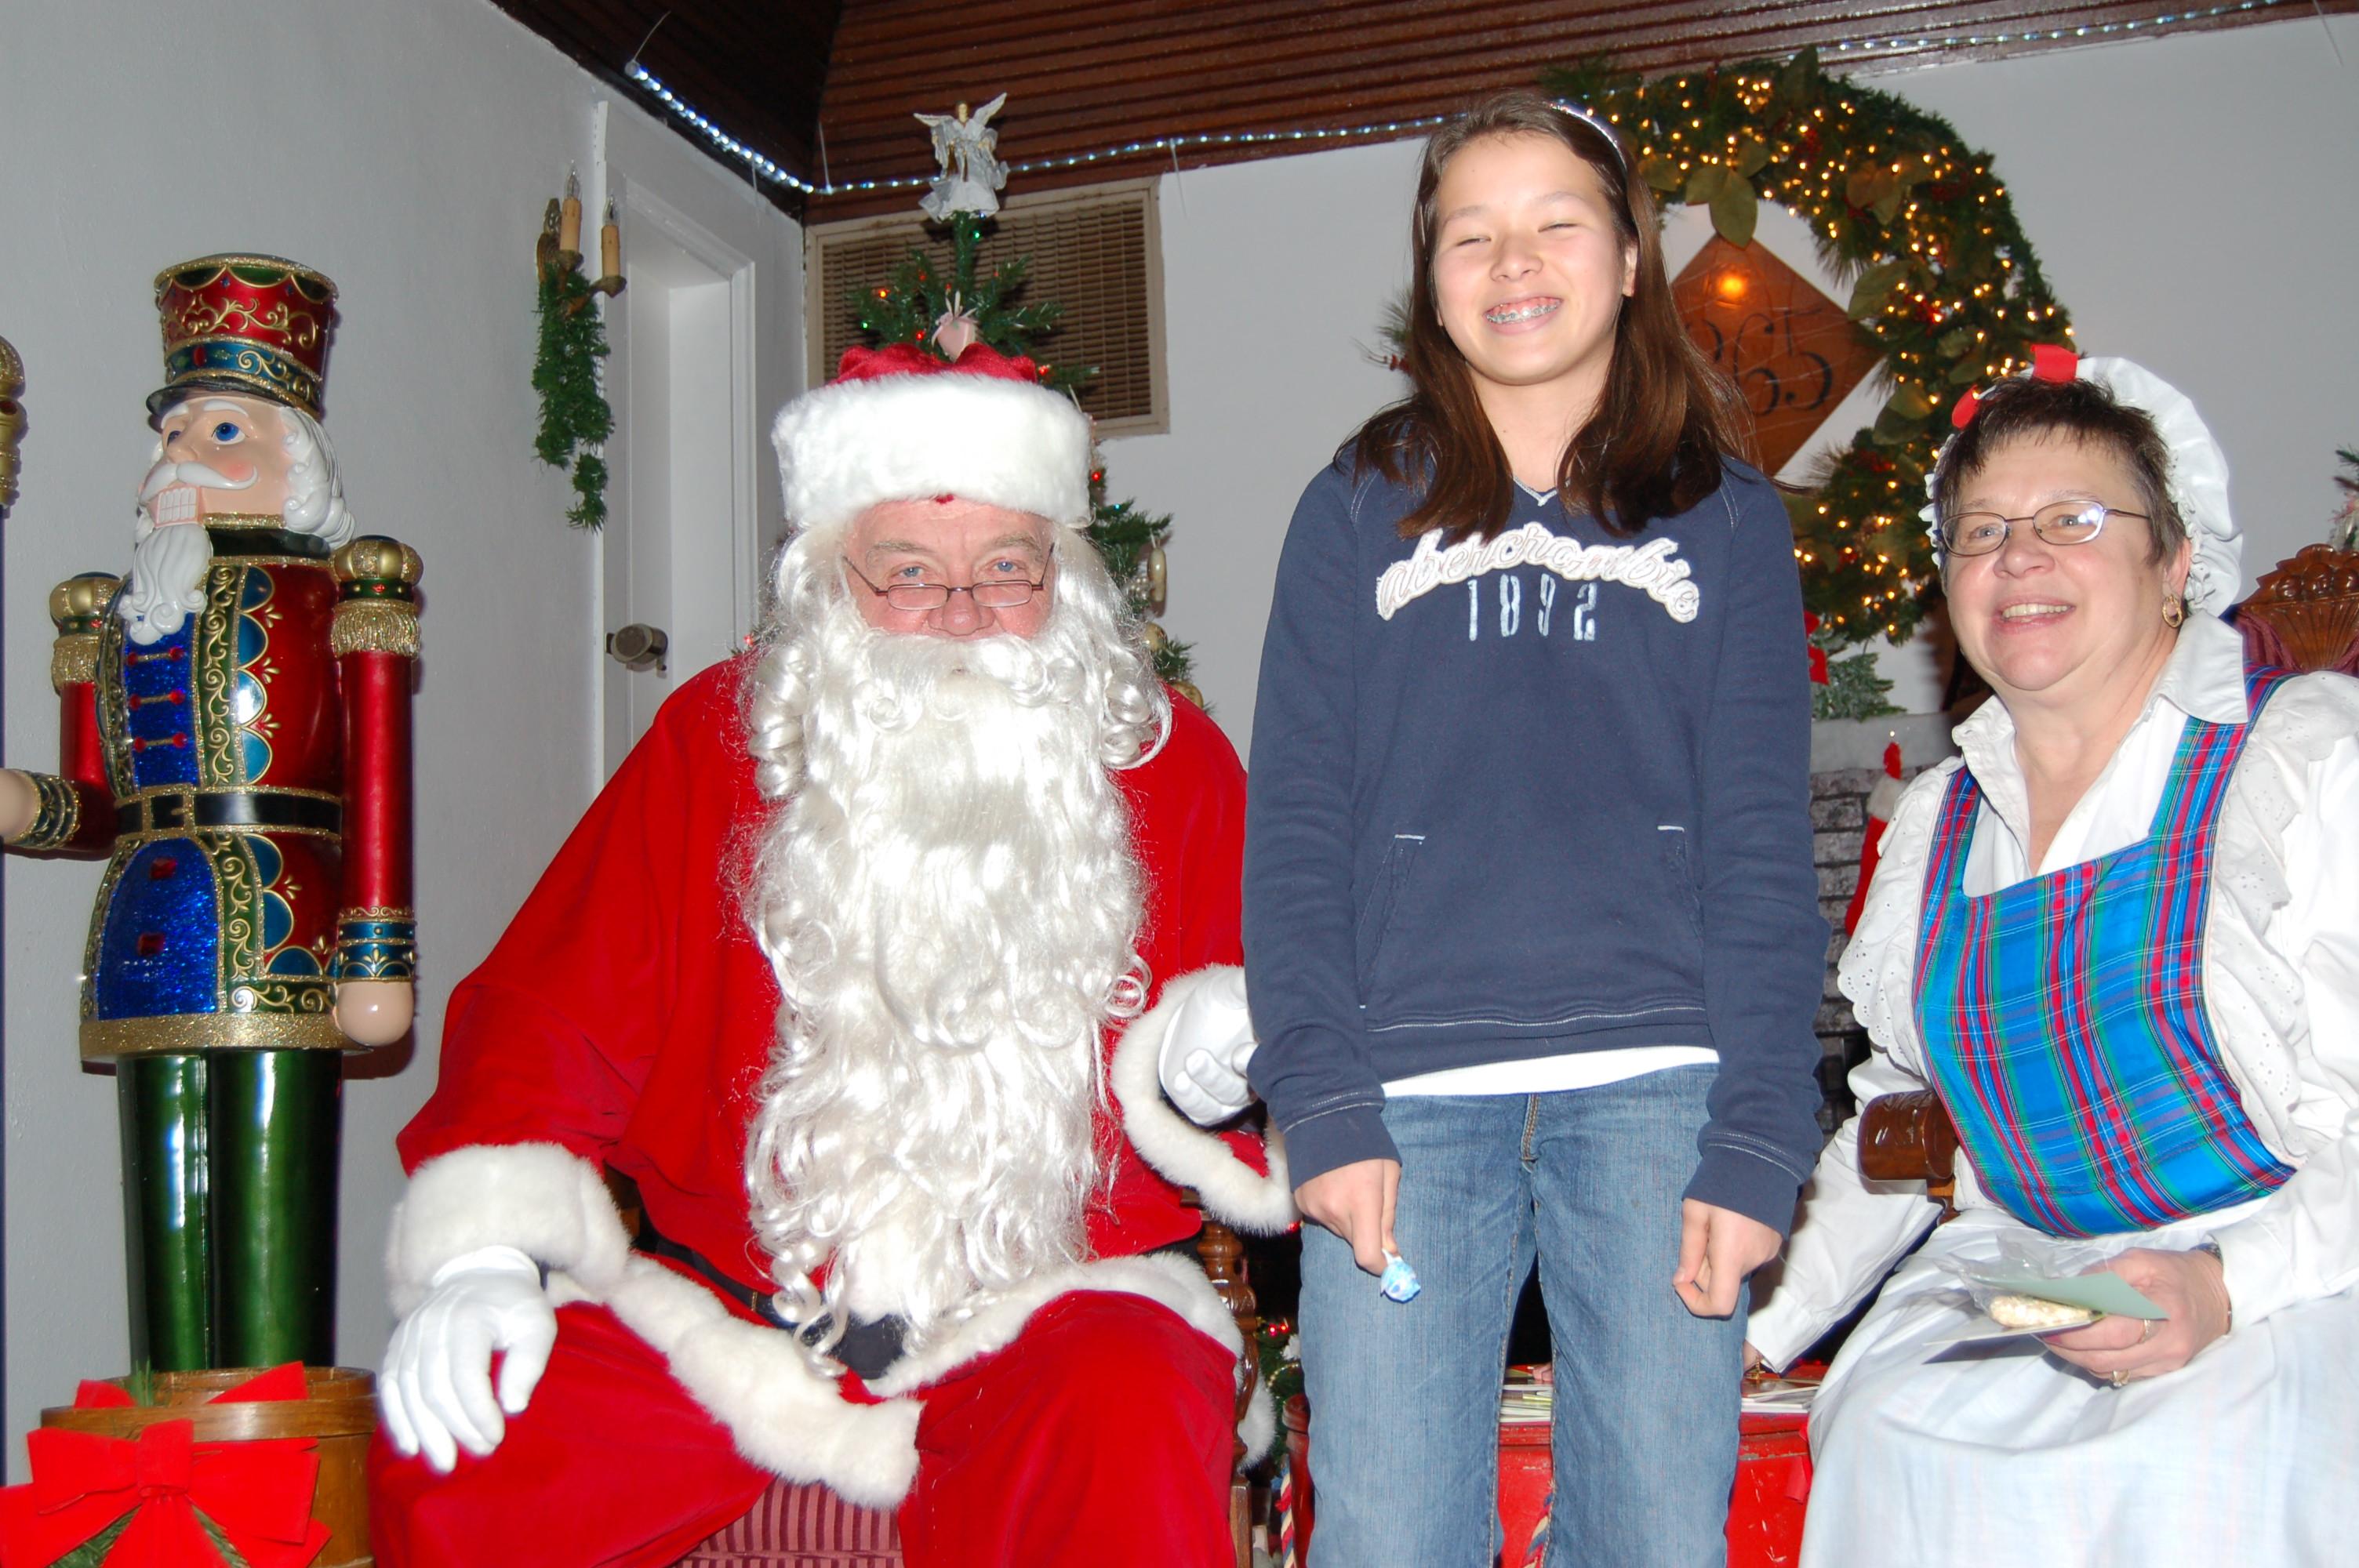 LolliPop+Lane+12-11-2008+Picture+030.jpg